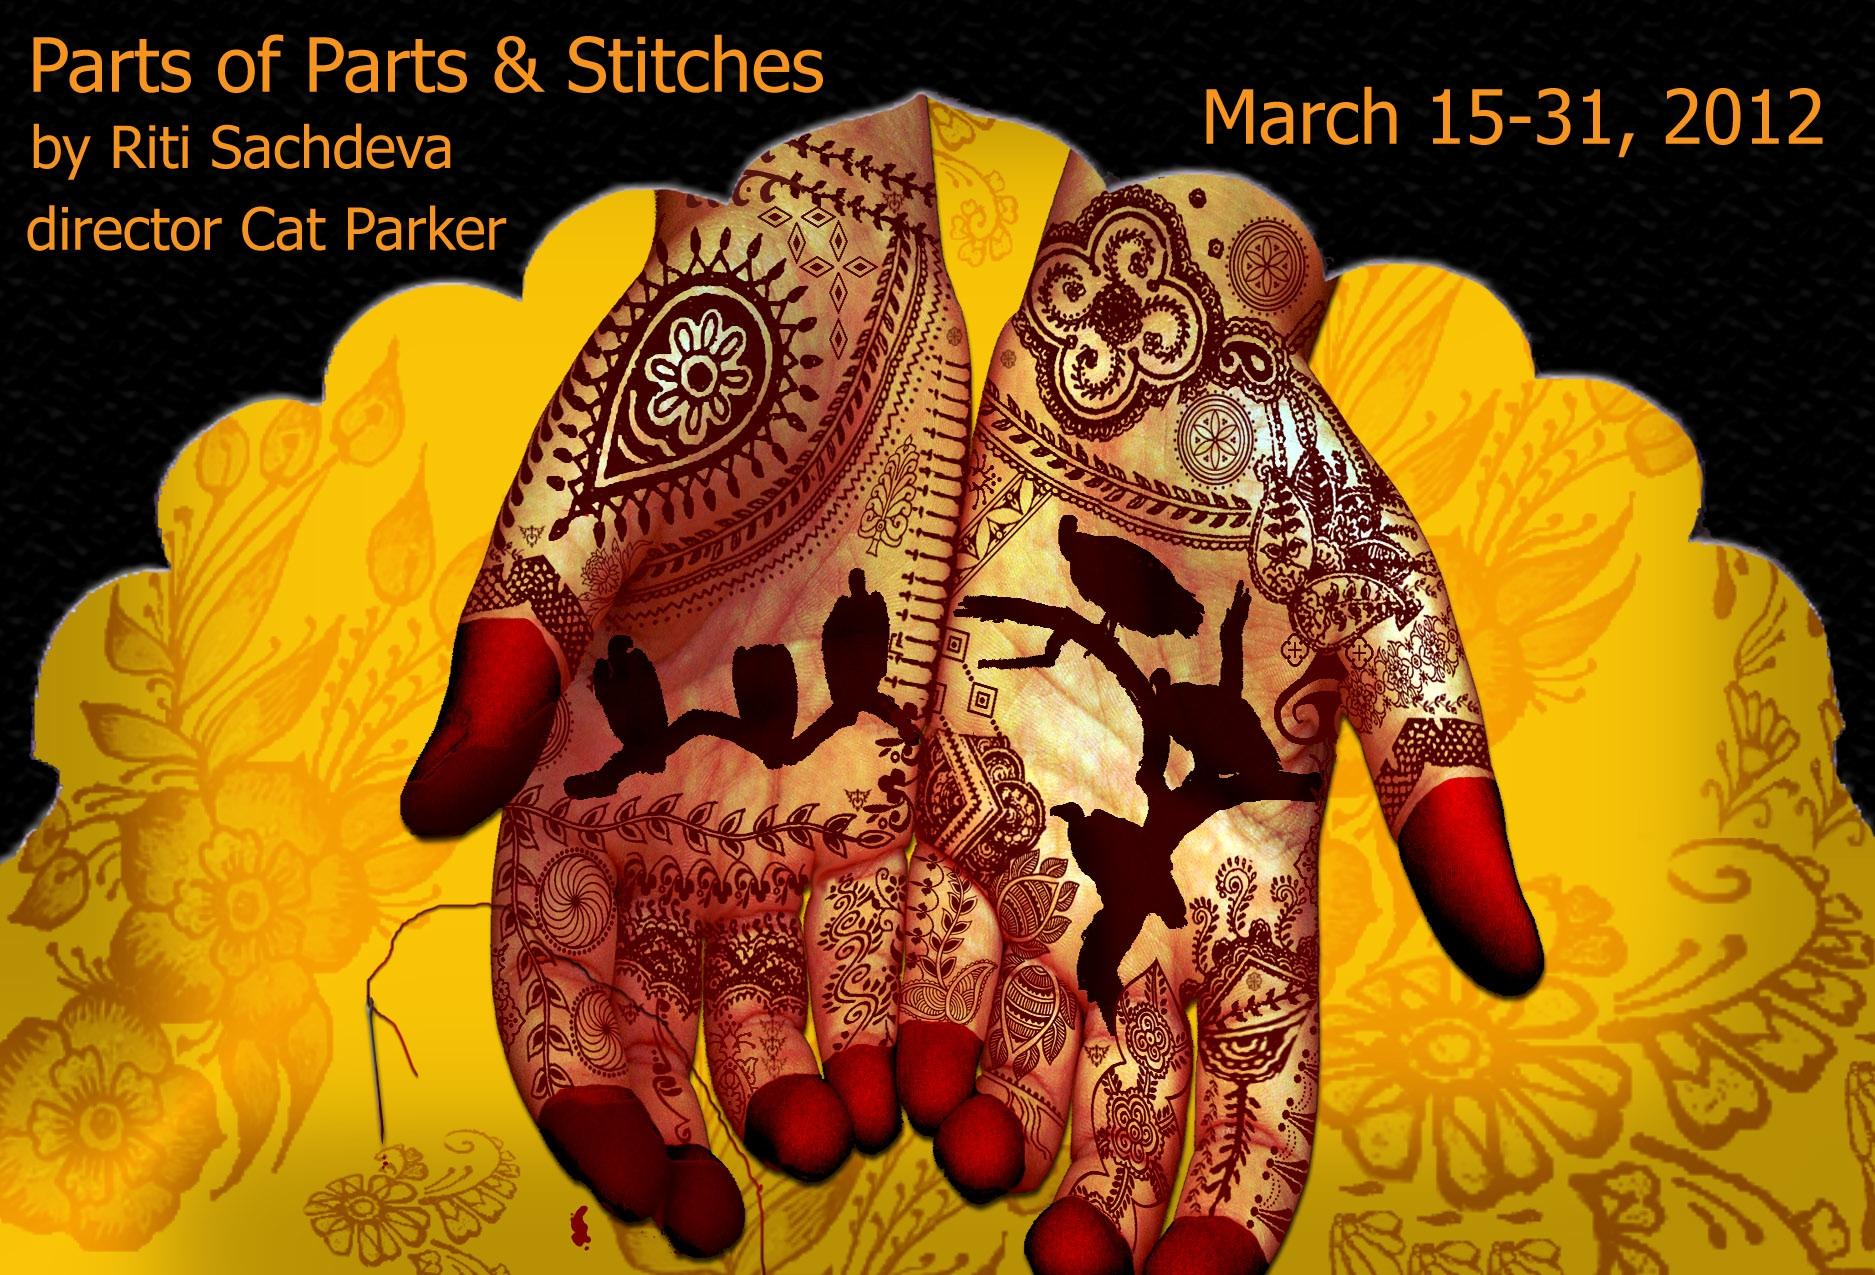 Parts of Parts Print Artwork